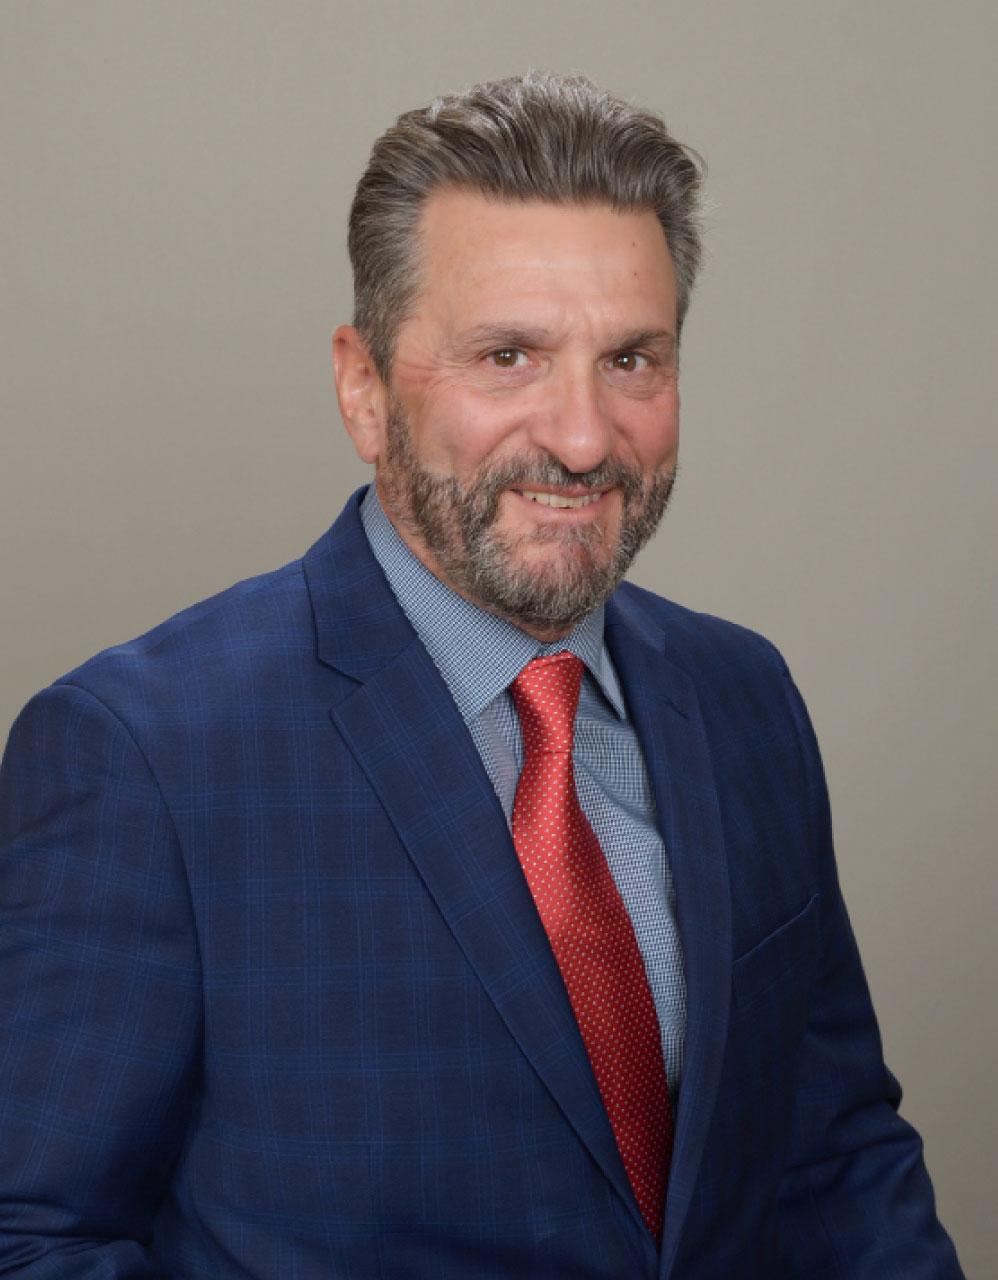 Philip Gerisilo Mortgage